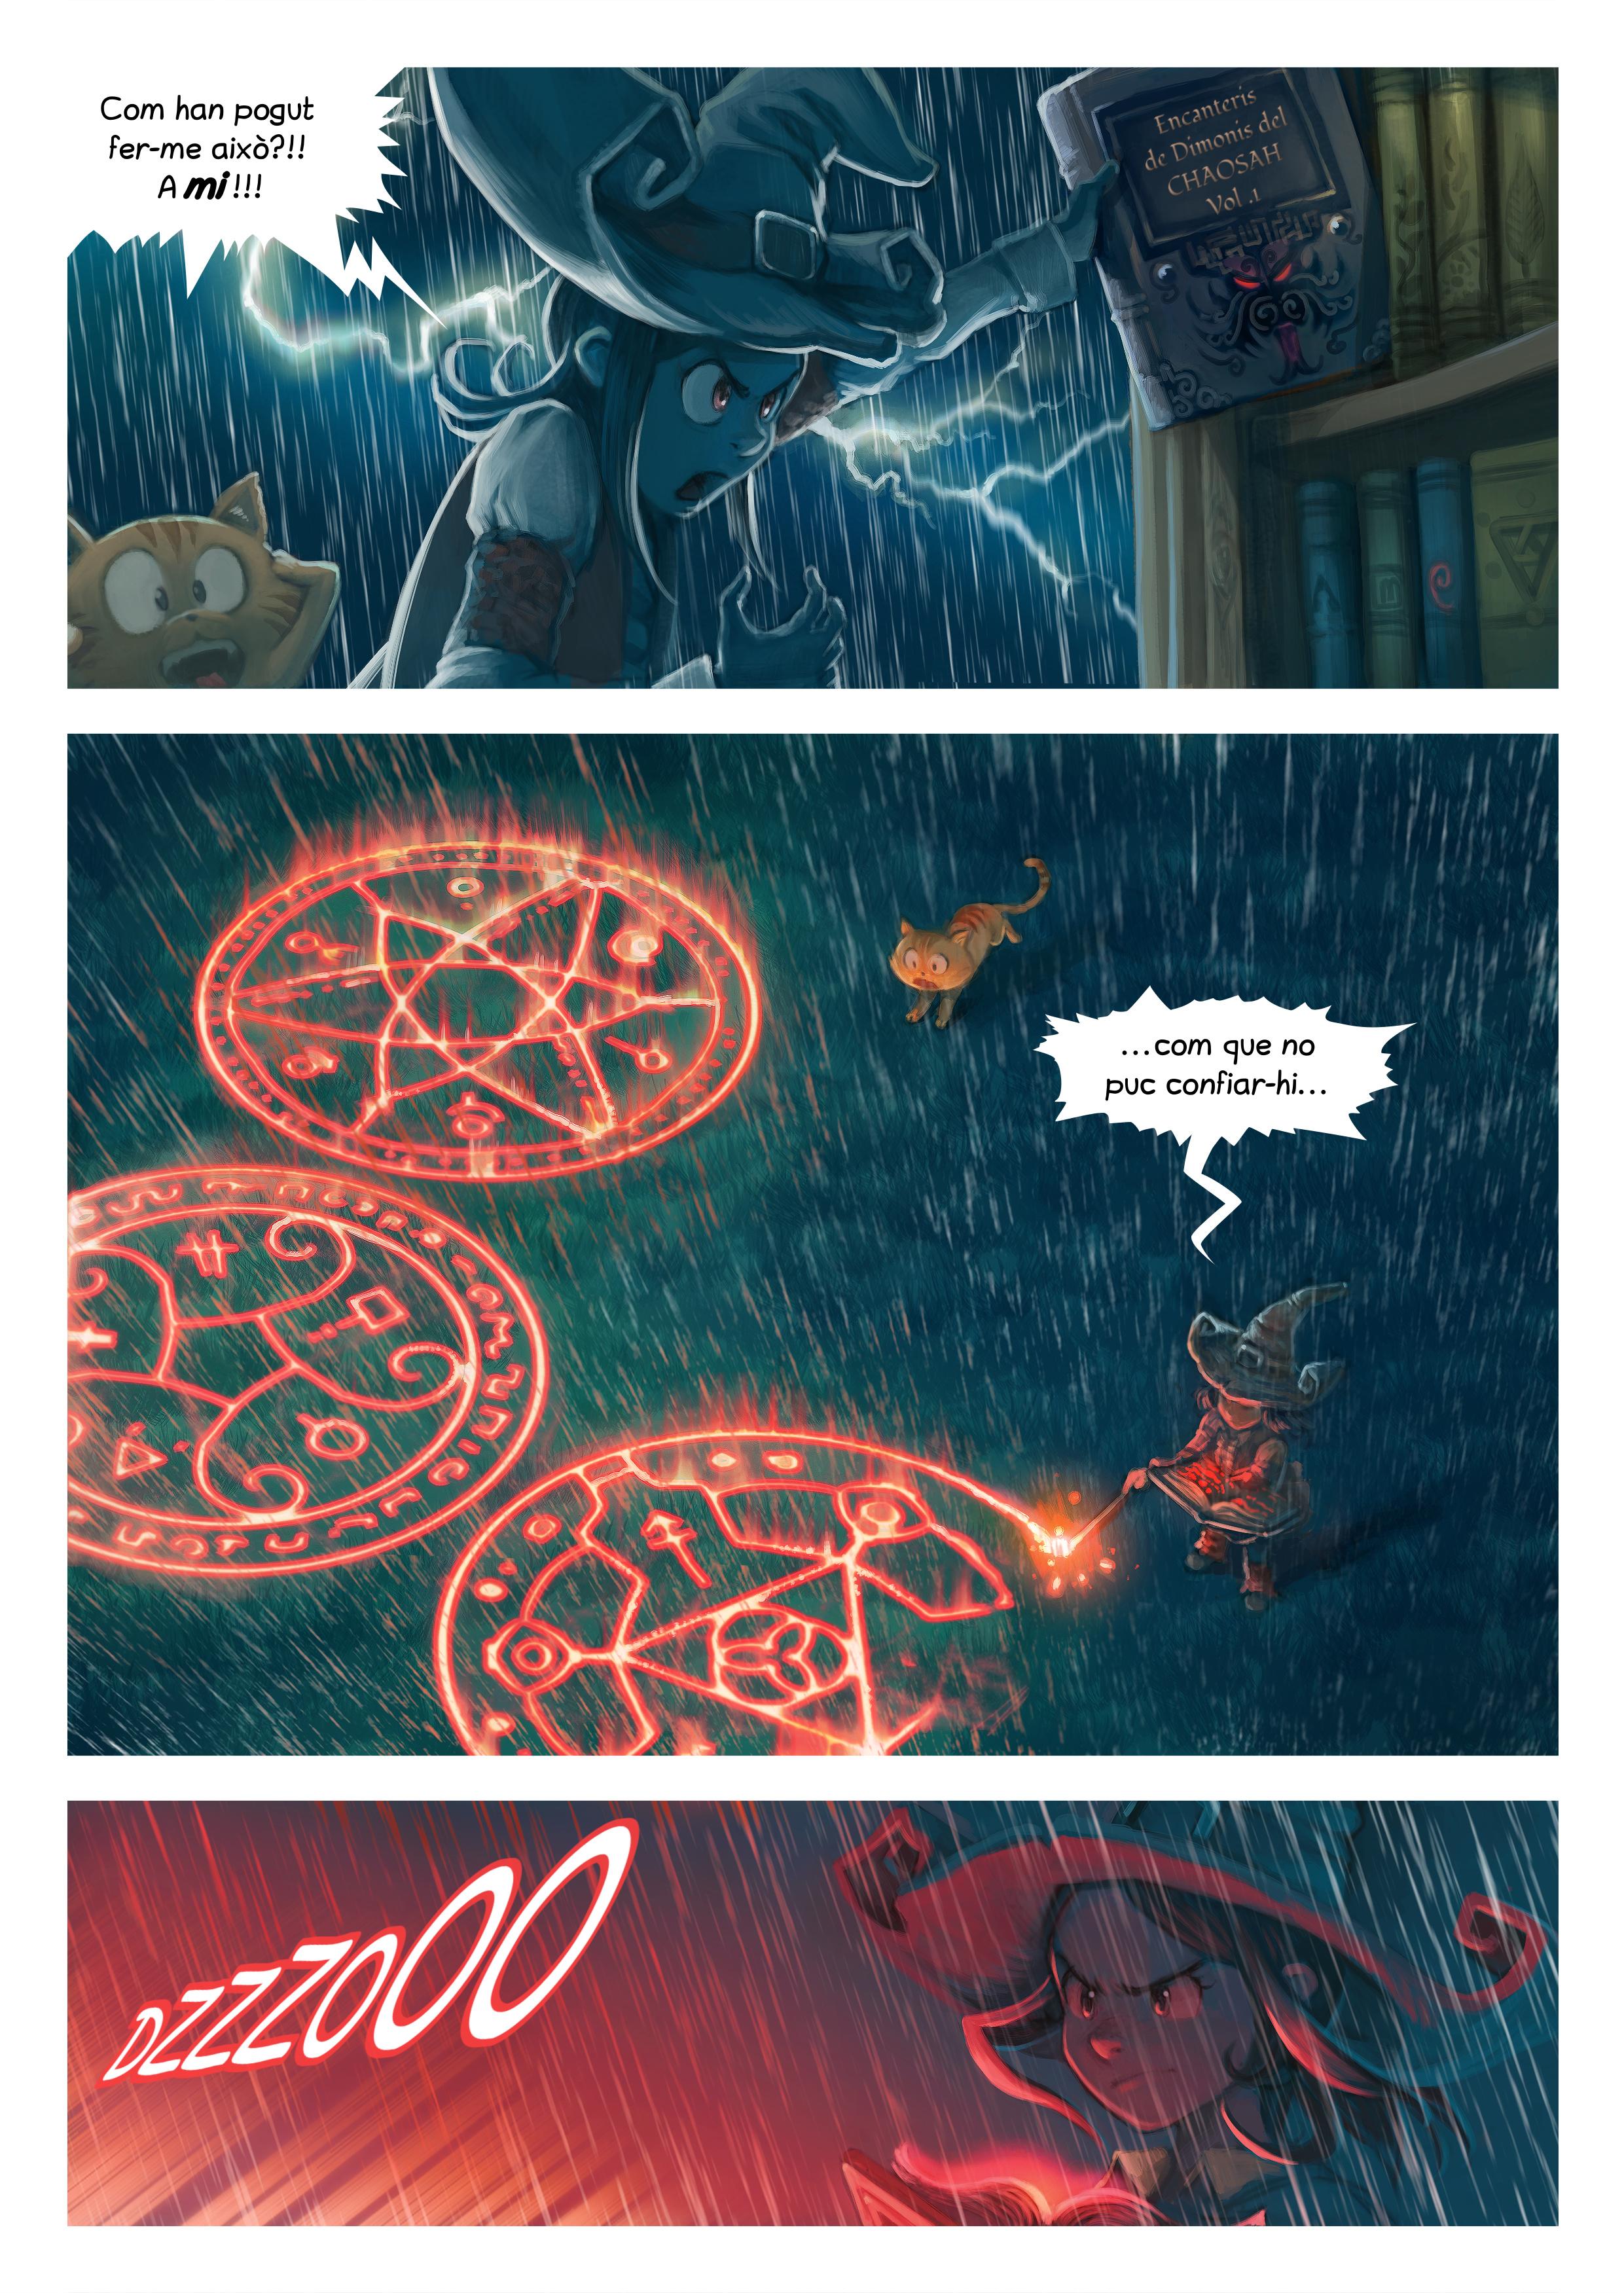 A webcomic page of Pepper&Carrot, episodi 8 [ca], pàgina 5